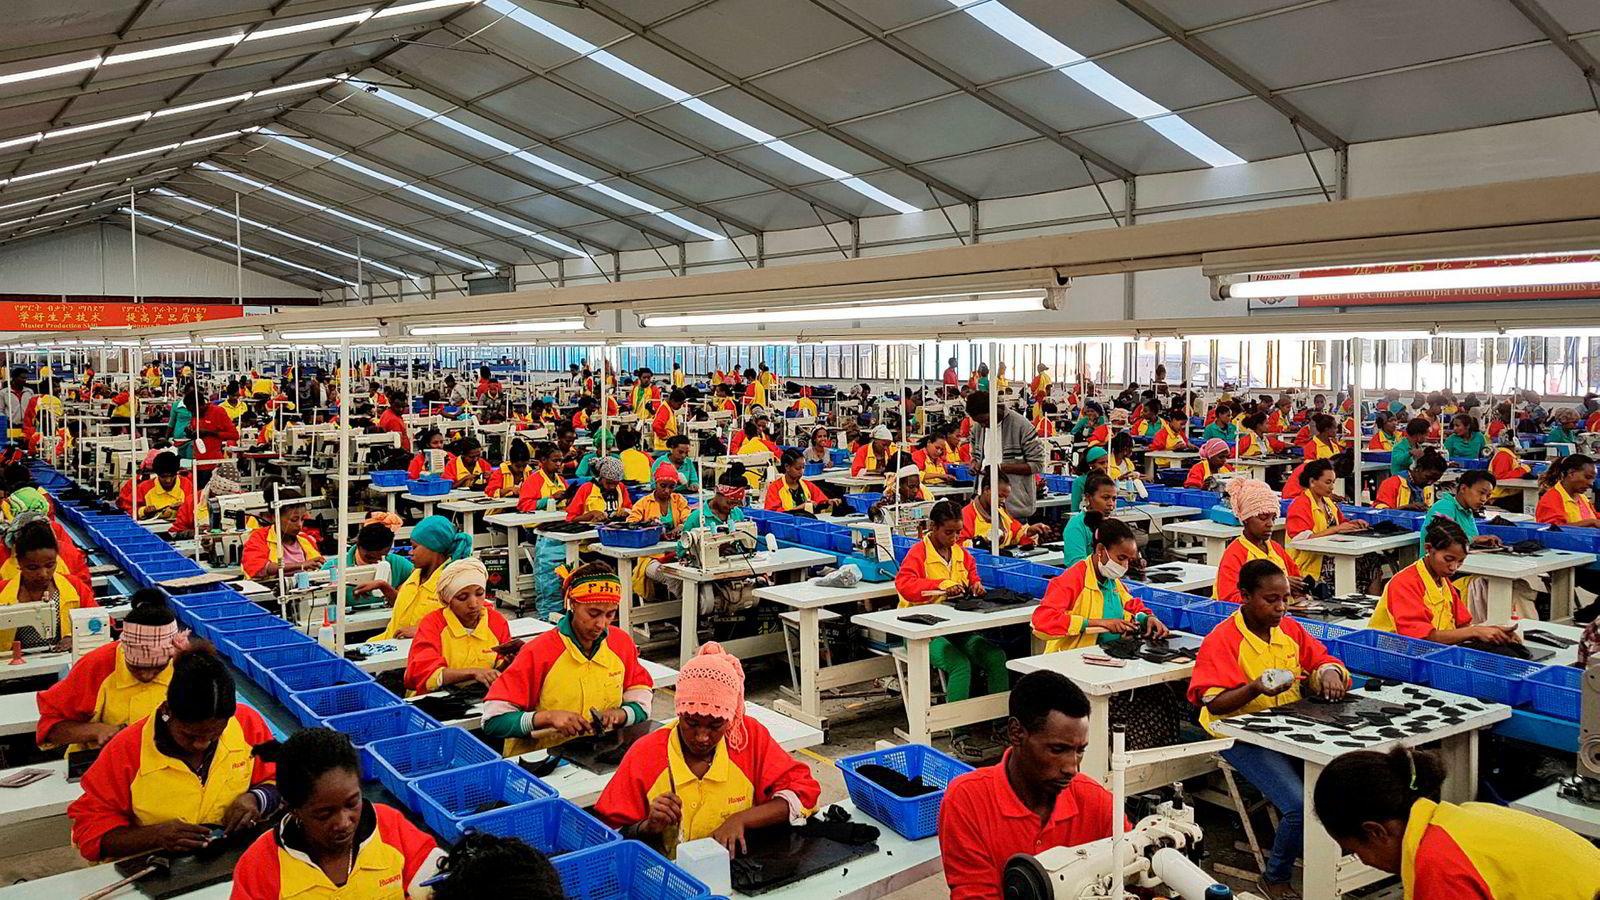 Kina har gitt store lån til afrikanske land, men avviser at dette er en ny-kolonisering eller gjeldsfeller. Det kinesiske selskapet Huajian produserer sko for det vestlige markedet ved Lebu Industrial utenfor Addis Abeba i Etiopia.